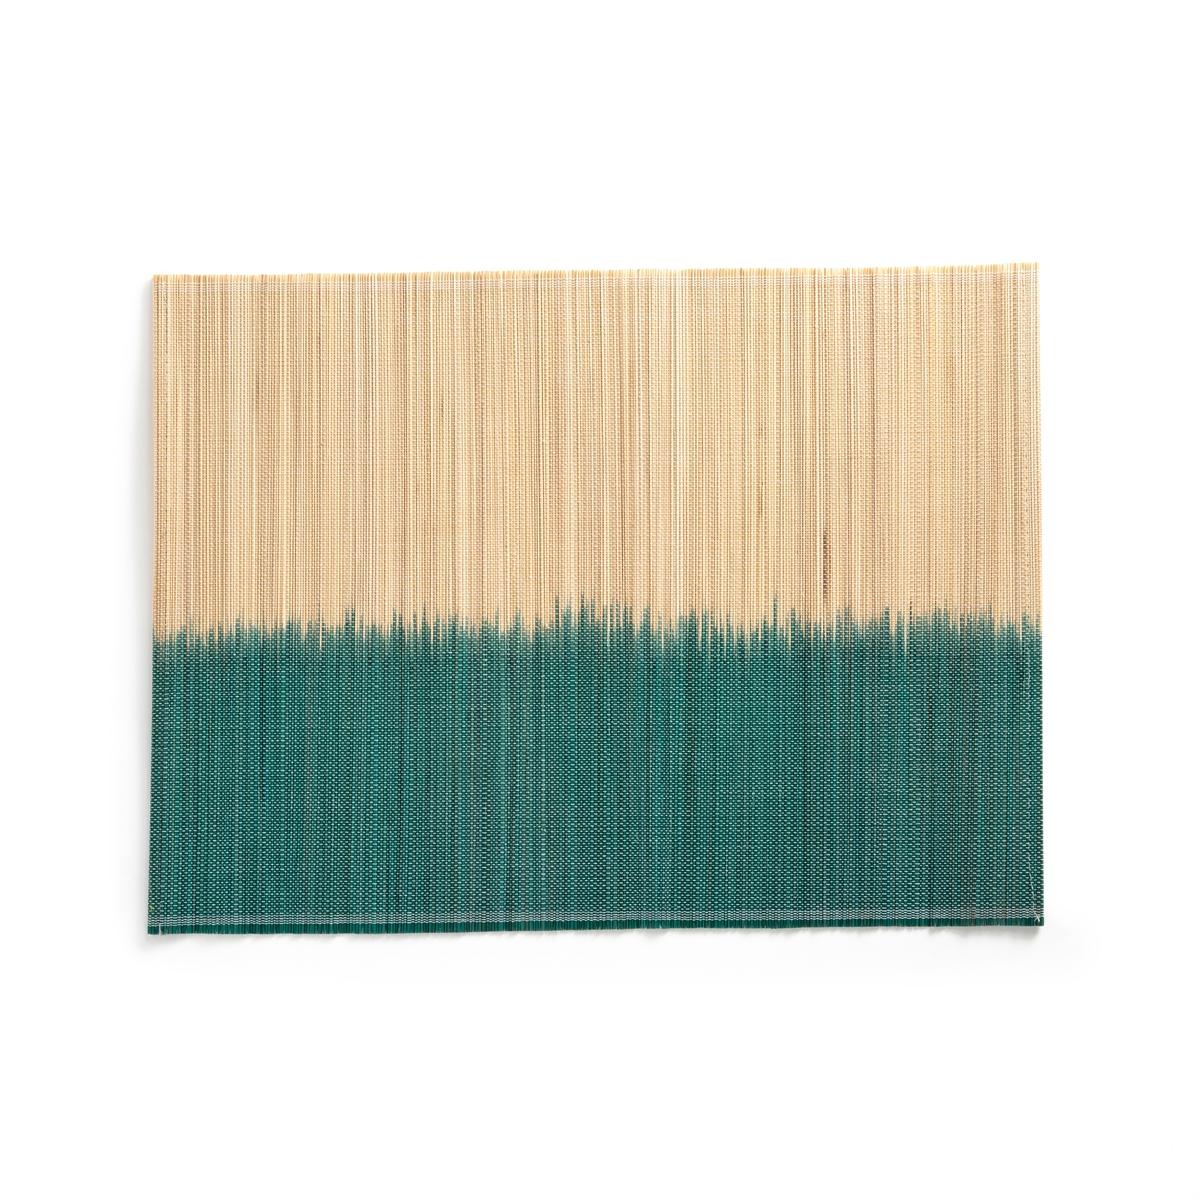 Комплект из 4 подложек под приборы из бамбука, DAYEM набор подложек под столовые приборы феникс презент чашка чая 45 см х 30 см 4 шт 37380